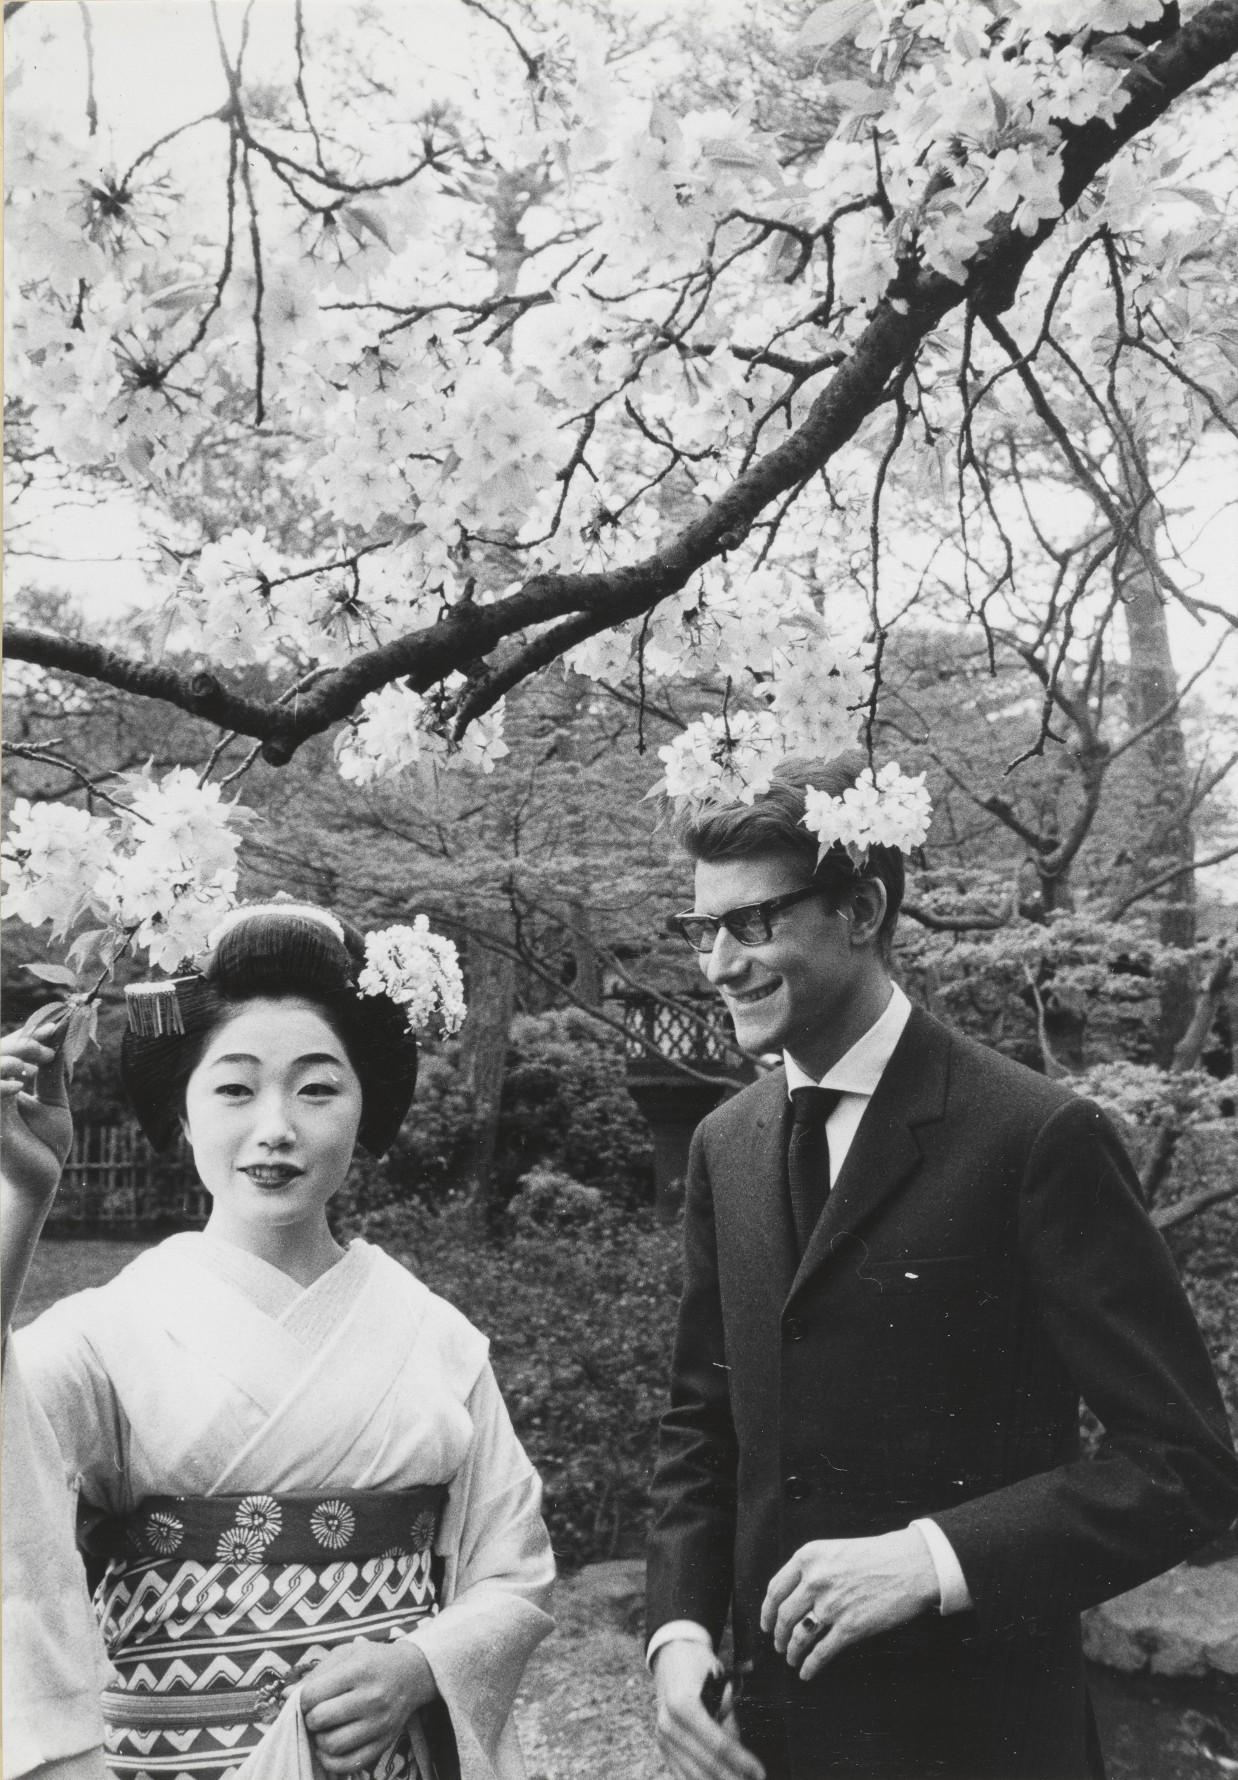 17 - Yves Saint Laurent en compagnie d'une courtisane, Kyoto, avril 1963 © Droits réservés.jpg